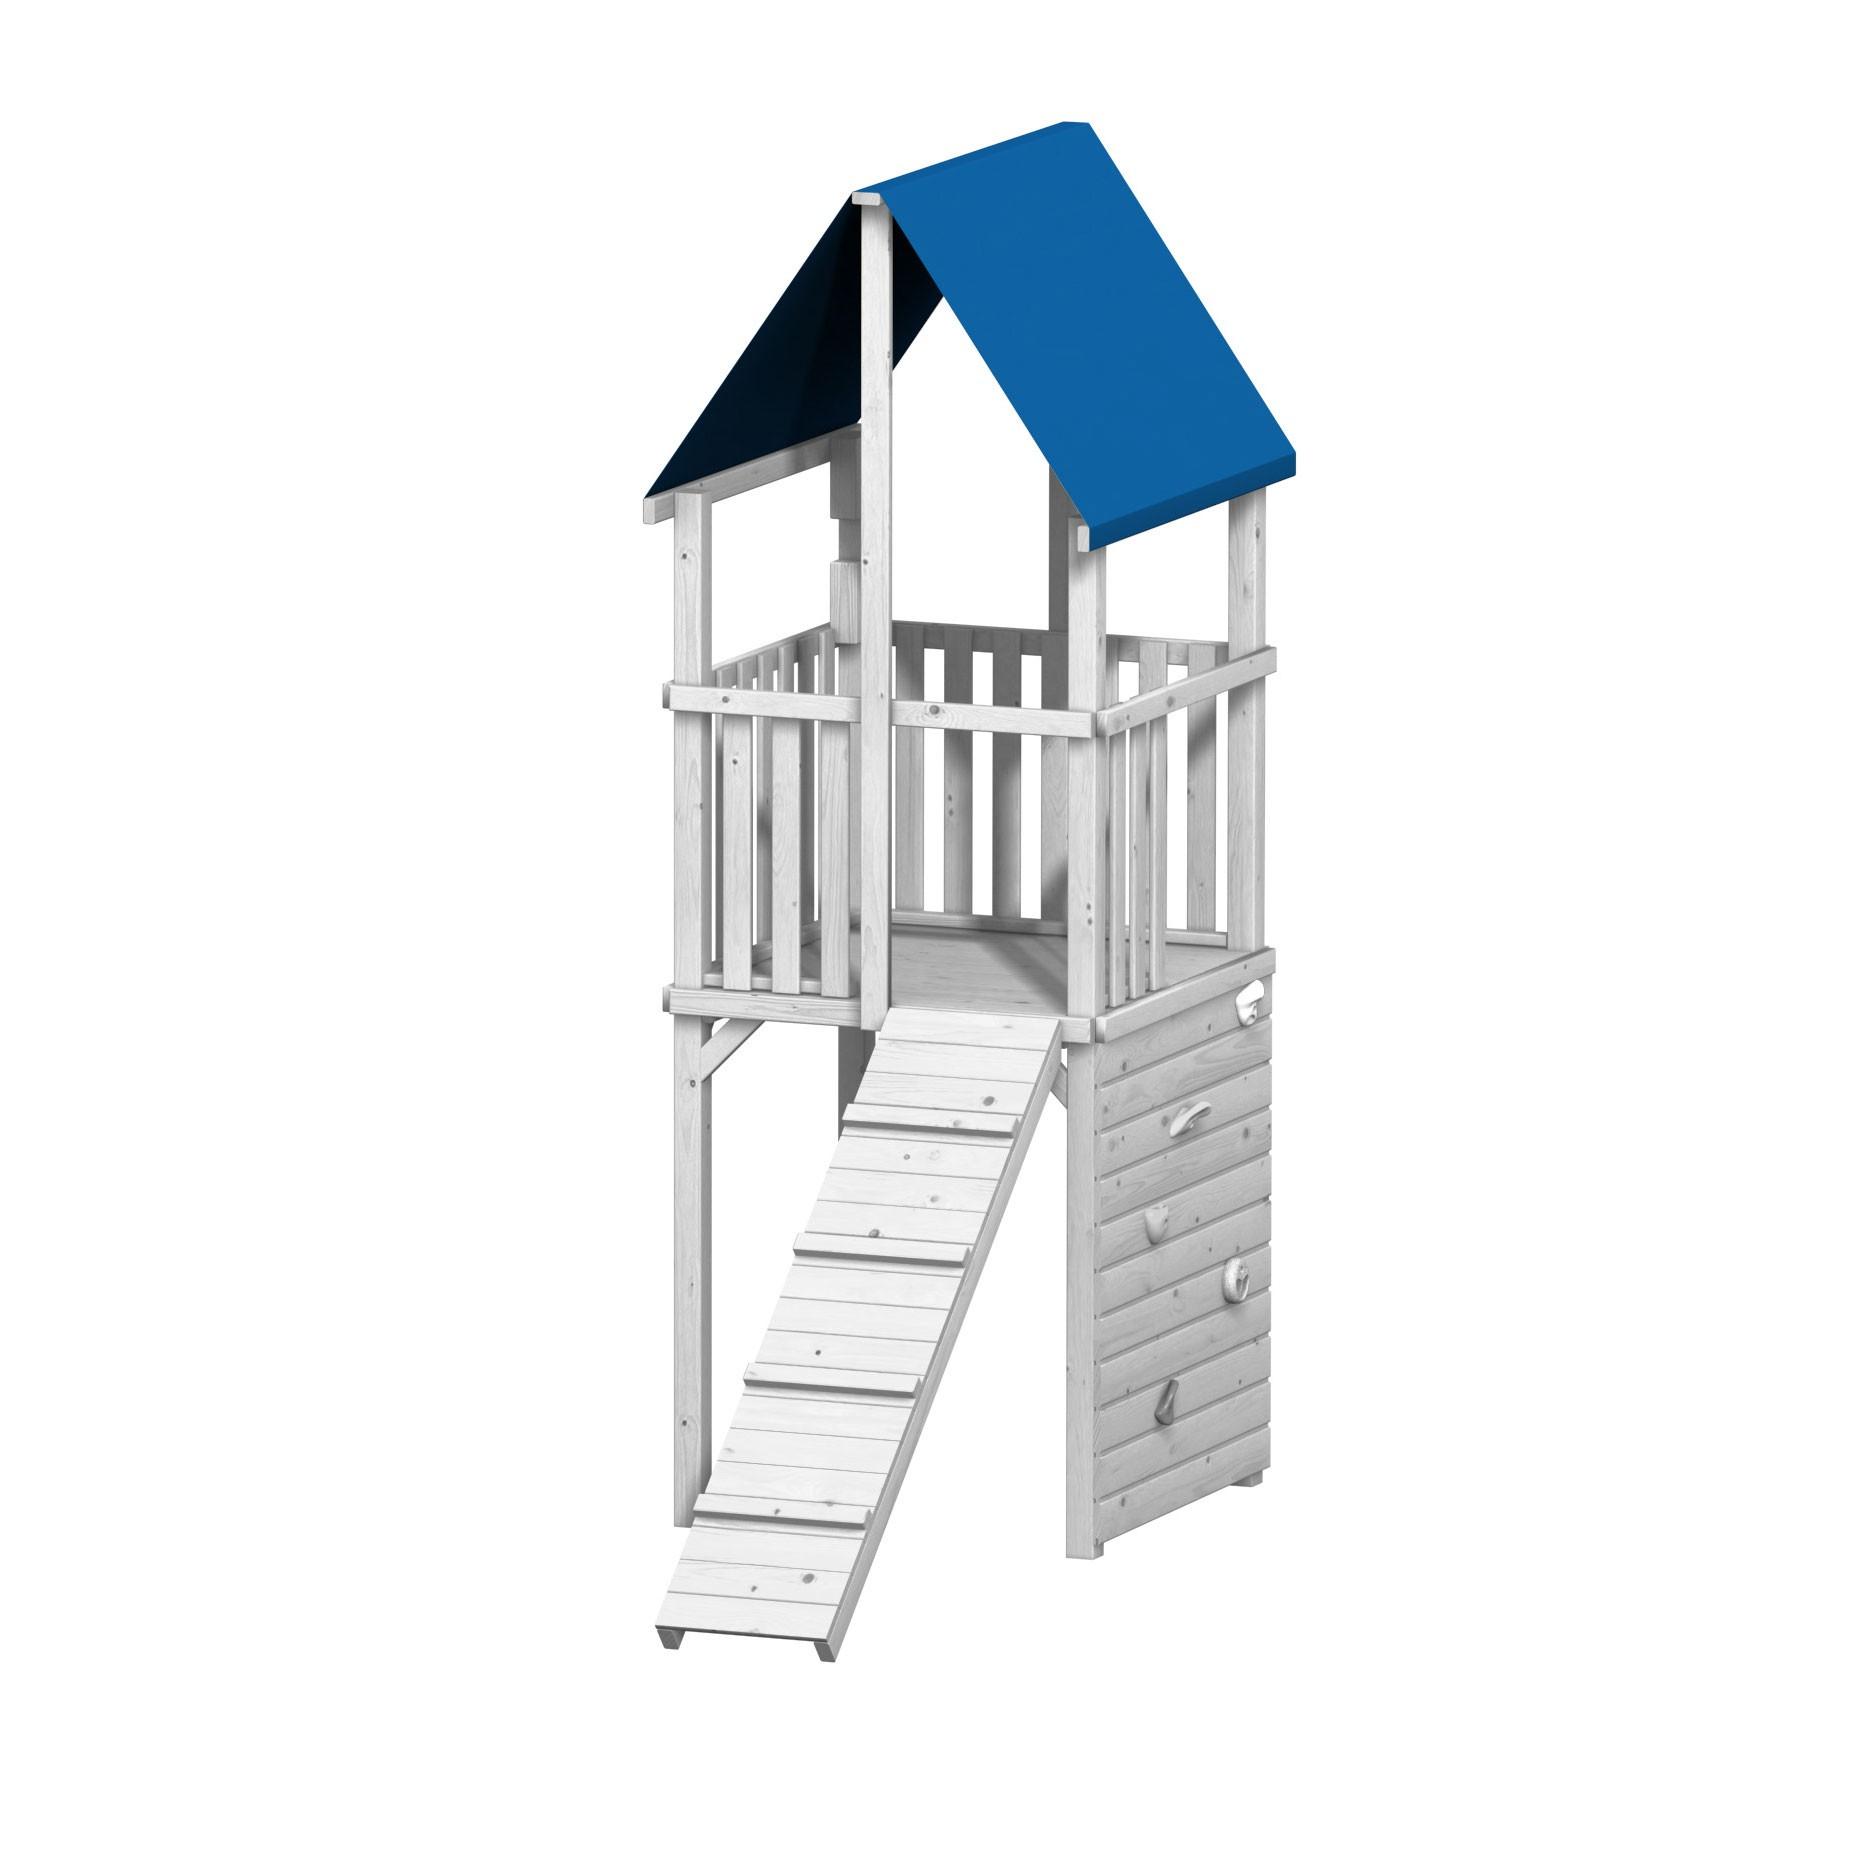 Dachplane für Spielturm Fips / Pirat und Princess Bild 1